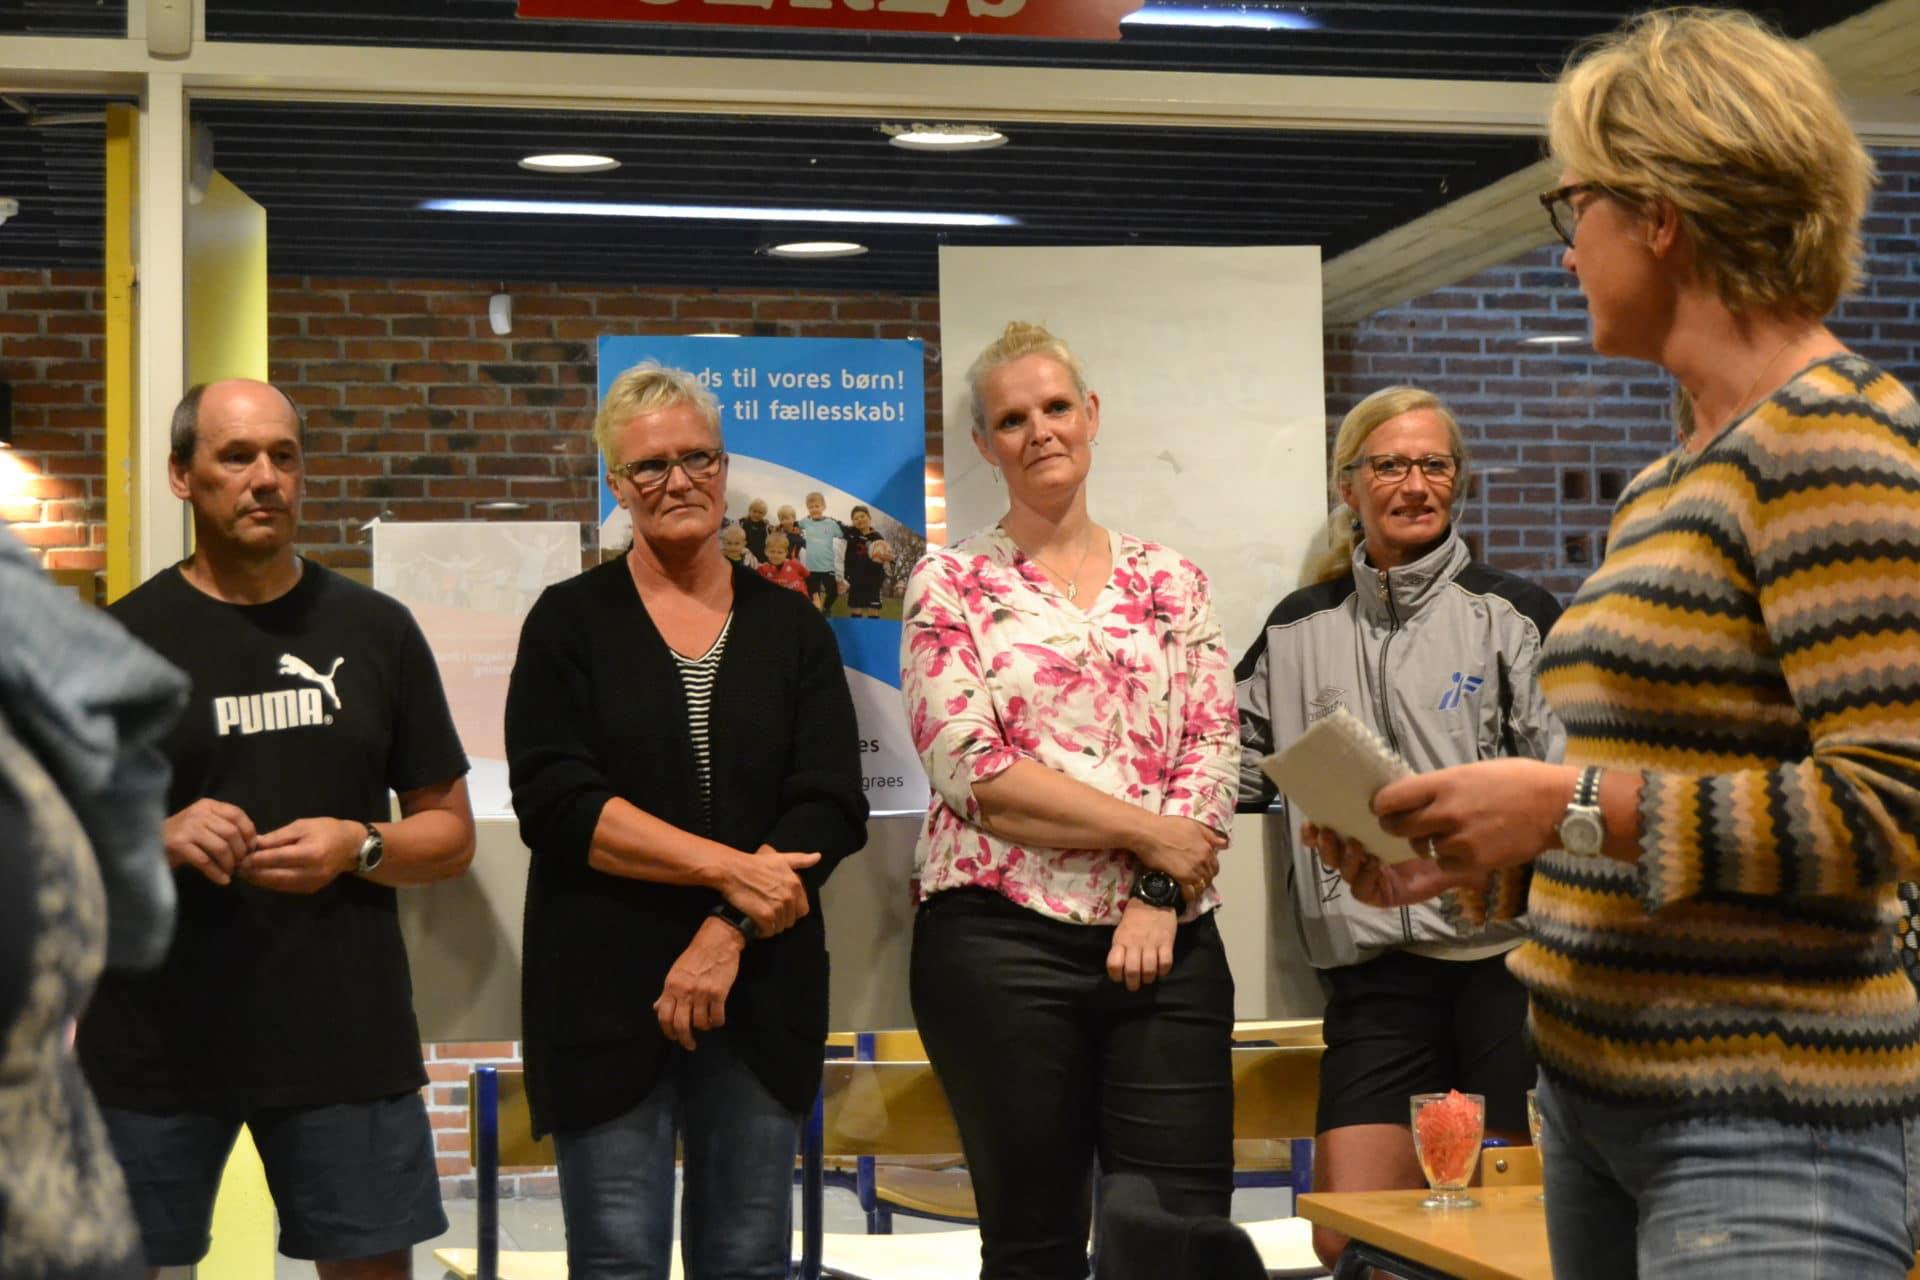 829c57a2 Elin Møller (th) var en af de tidligere spillere, som var mødt op i  Brabrandhallen for at hylde sin tidligere træner.